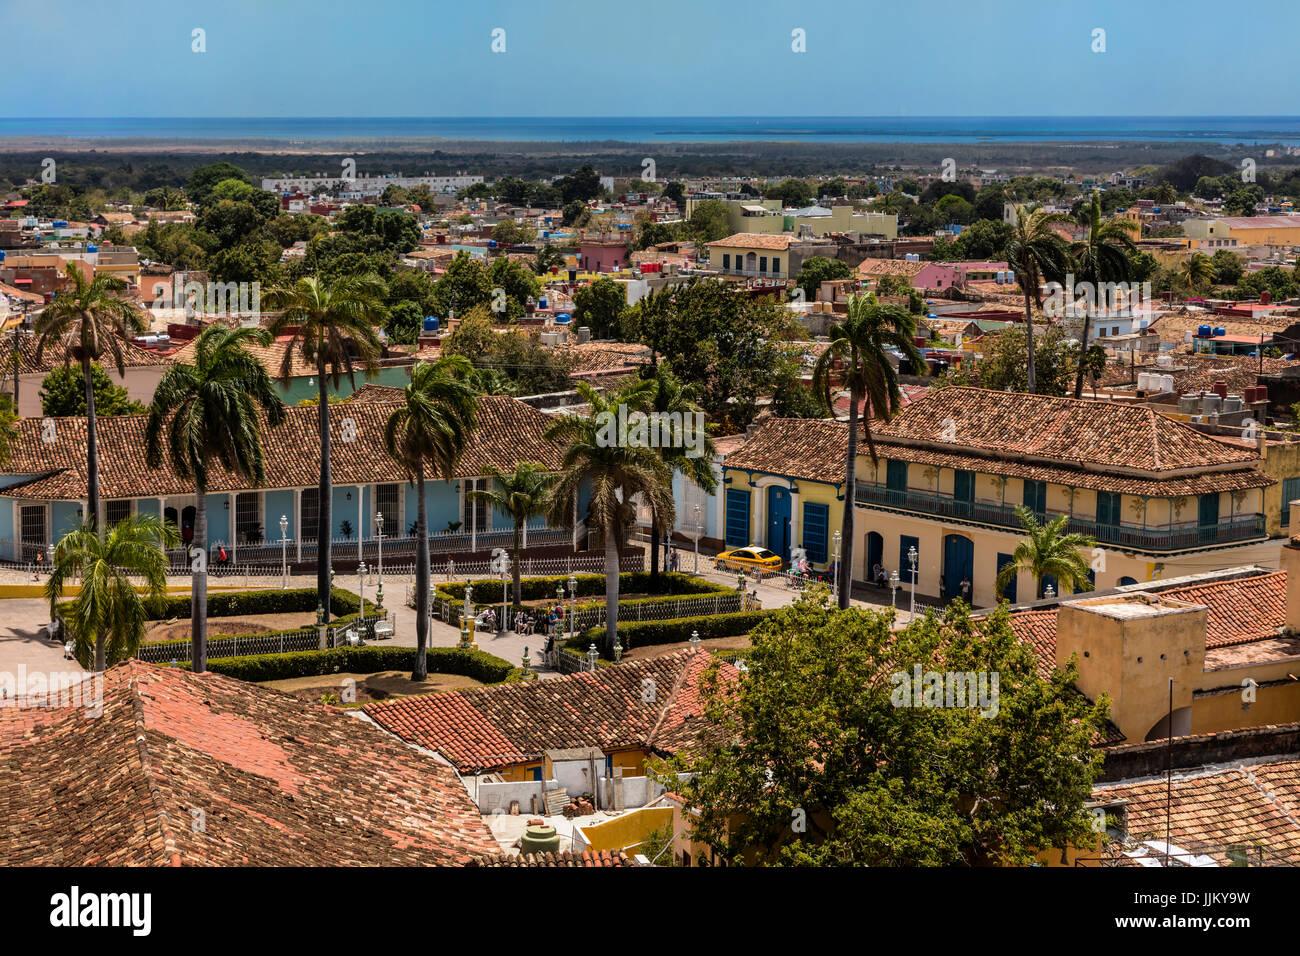 Die PLAZA MAYOR ist umgeben von historischen Gebäuden im Herzen der Stadt - TRINIDAD, Kuba Stockbild